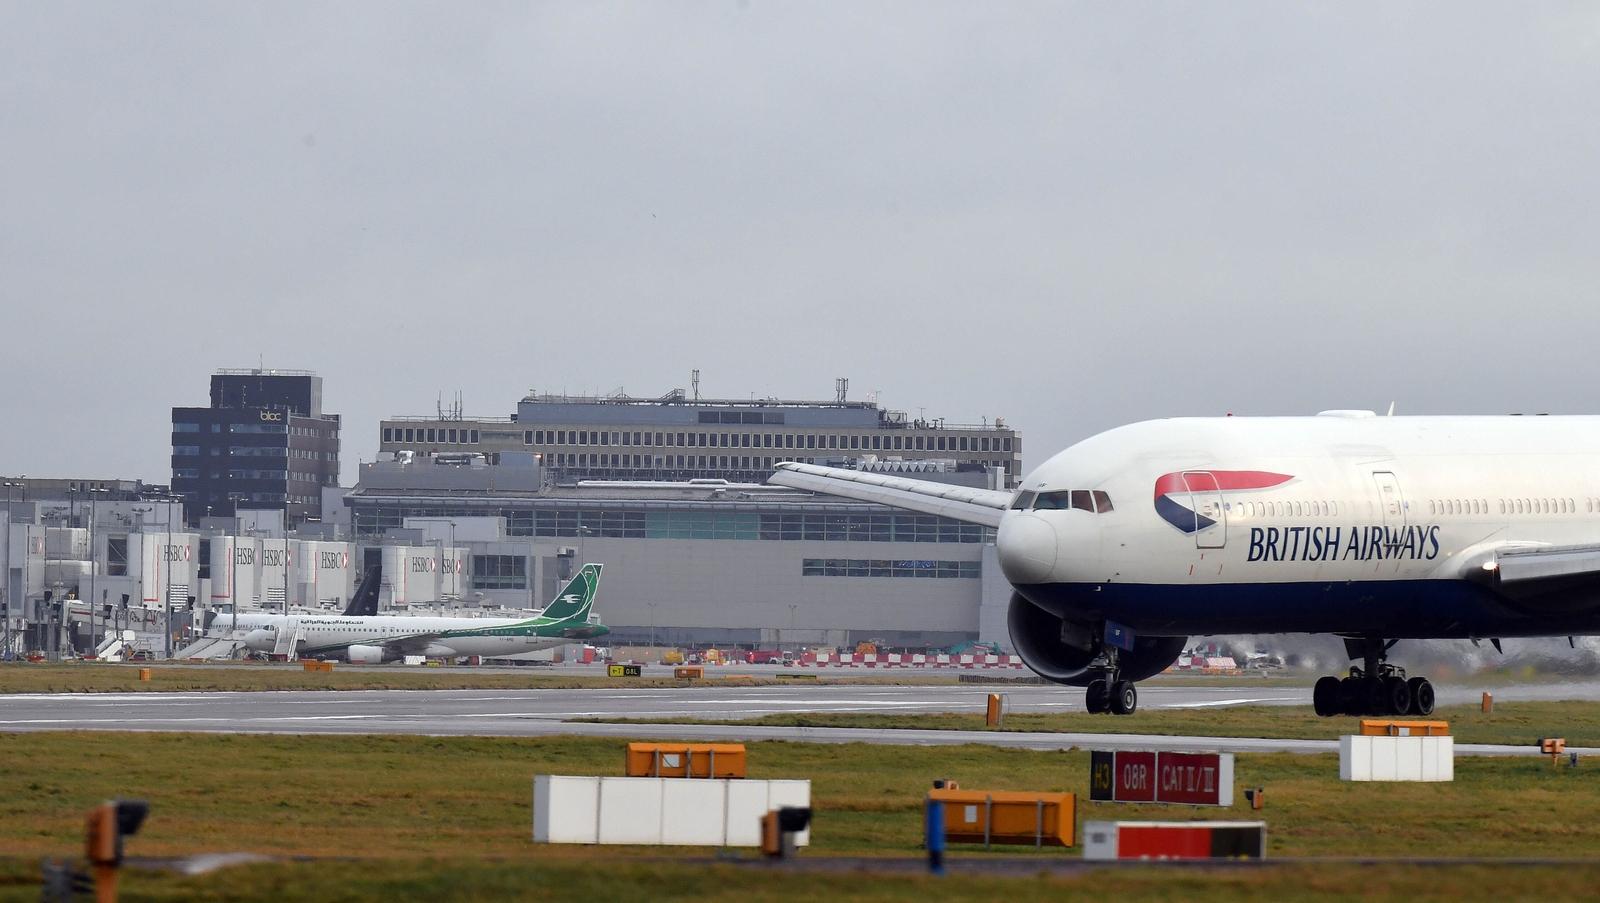 FRANCUSKA KOMPANIJA 'VINCI' POSTALA VEĆINSKI VLASNIK LONDONSKOG AERODROMA 'GATWICK': Ovom akvizicijom 'Vinci' postaje drugi najveći operator aerodroma u svijetu